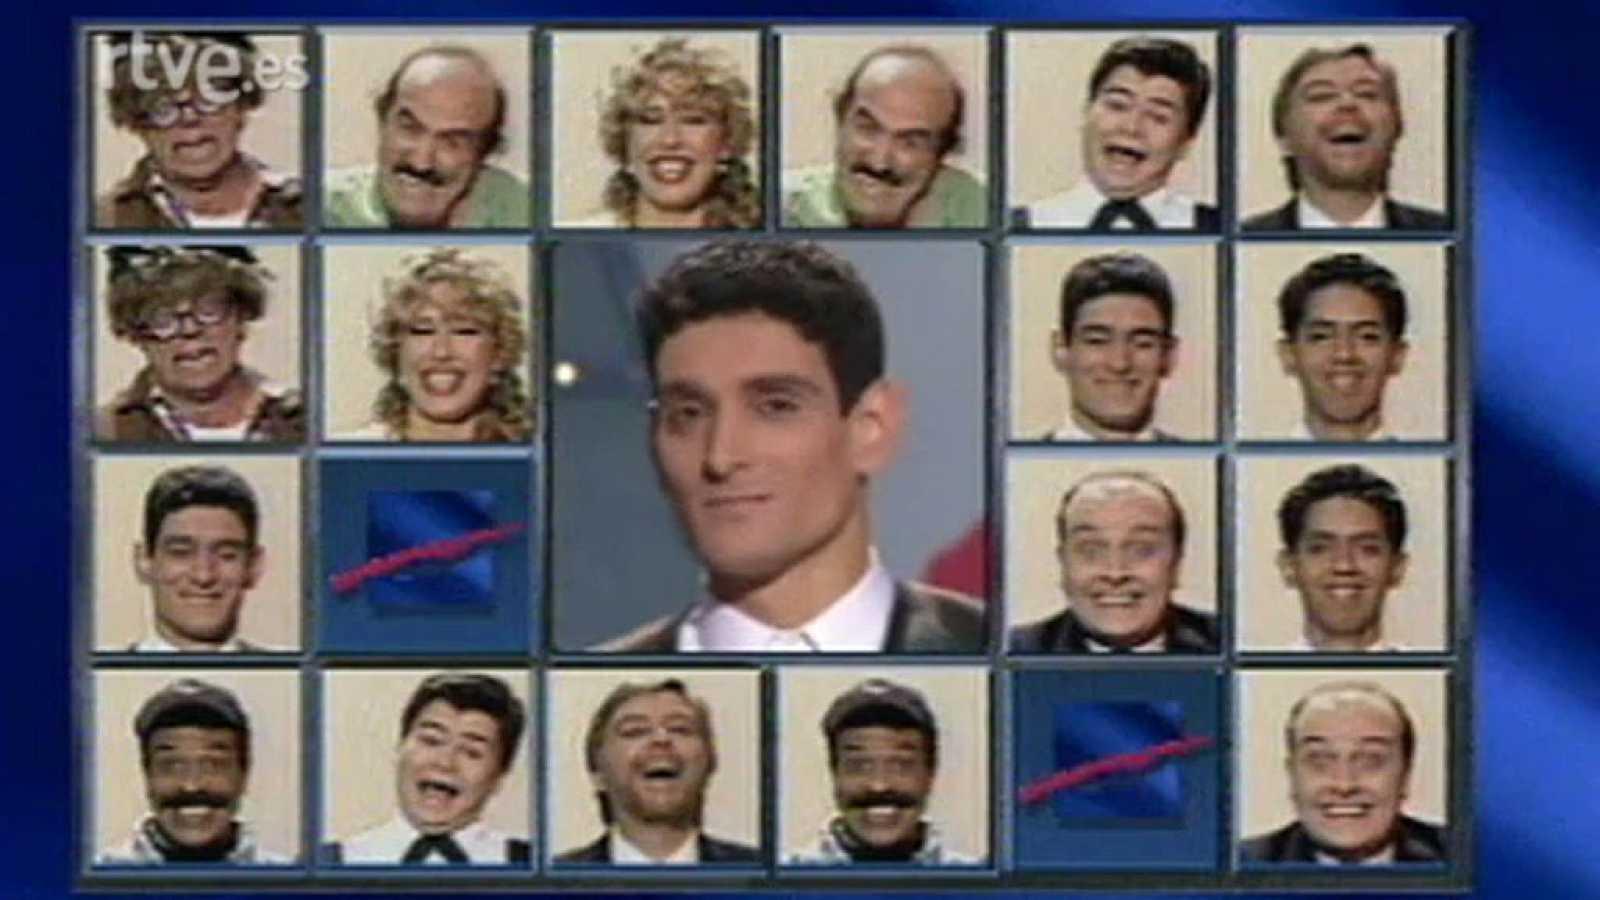 No Te Rías Que Es Peor 13 3 1995 Rtve Es